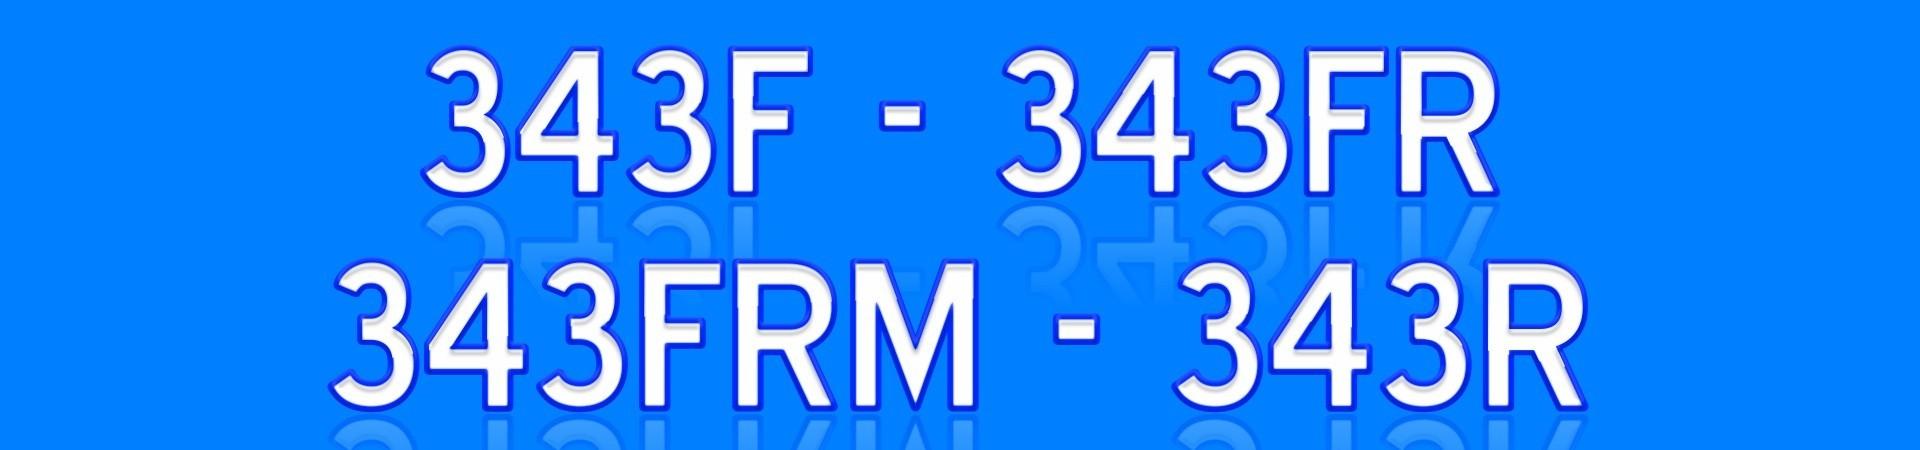 343R 345R